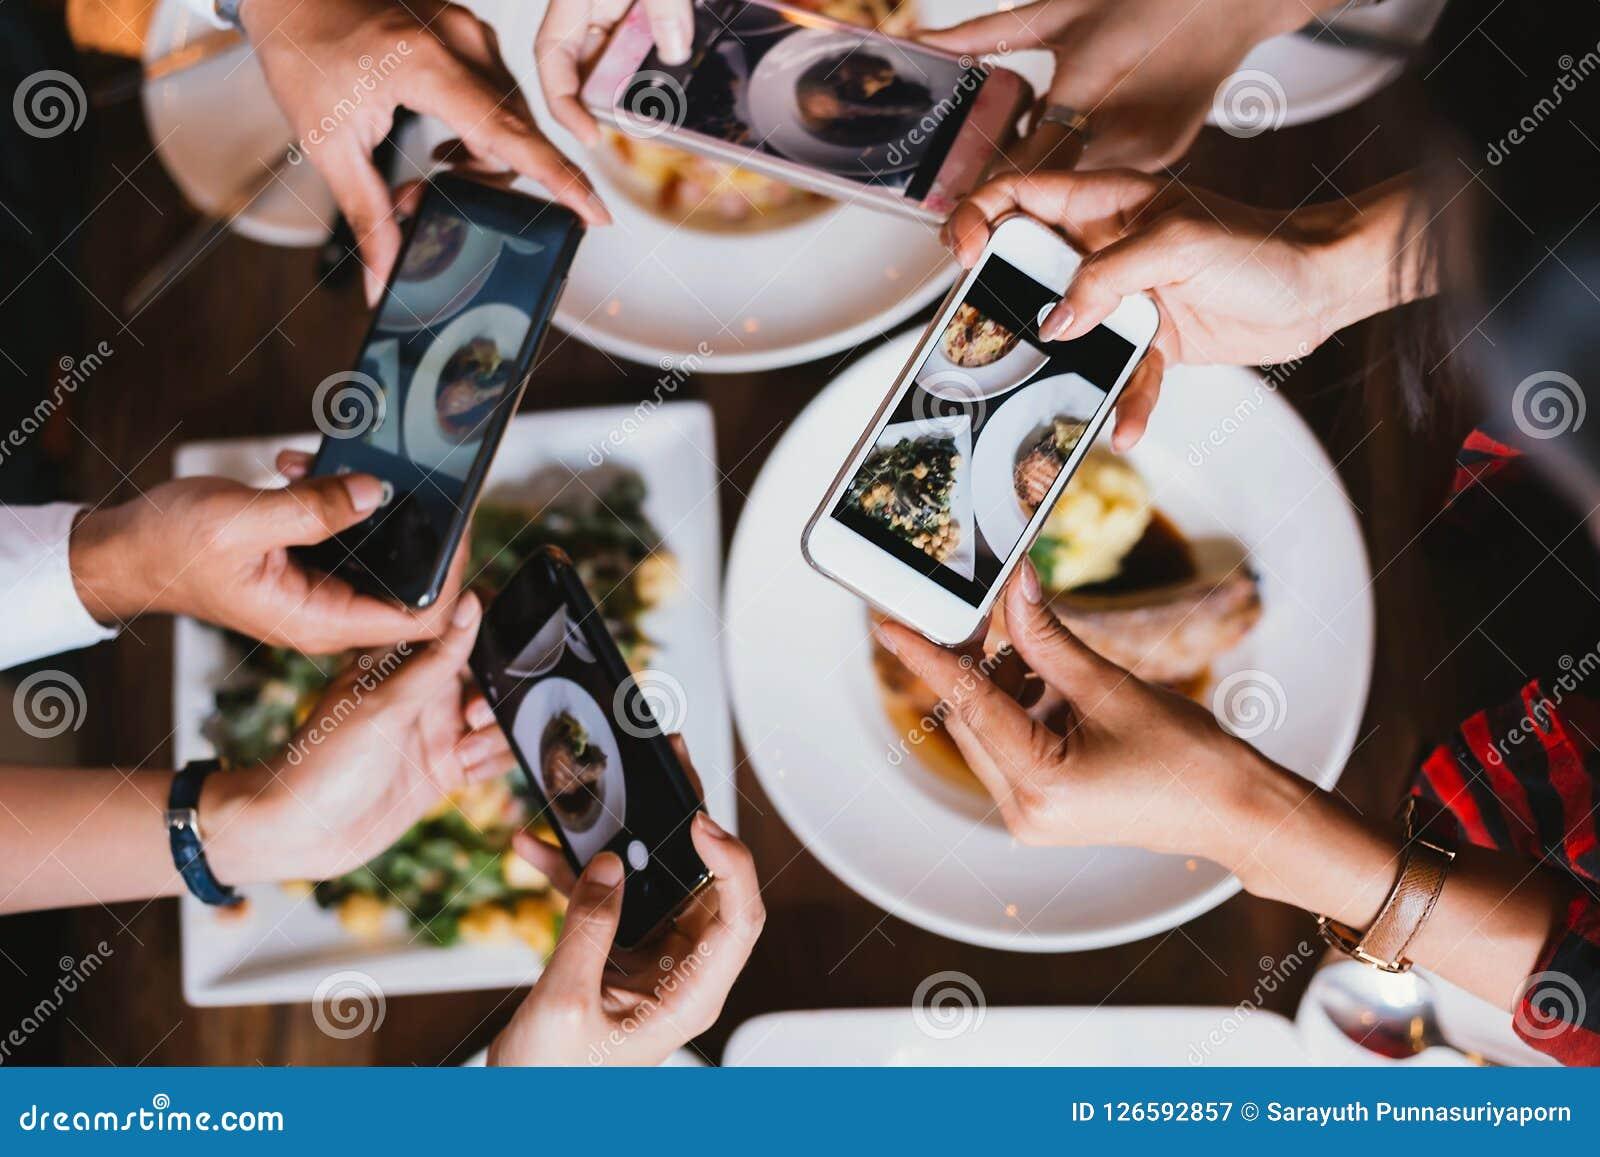 Grupo de amigos que saem e que tomam uma foto do alimento italiano junto com o telefone celular